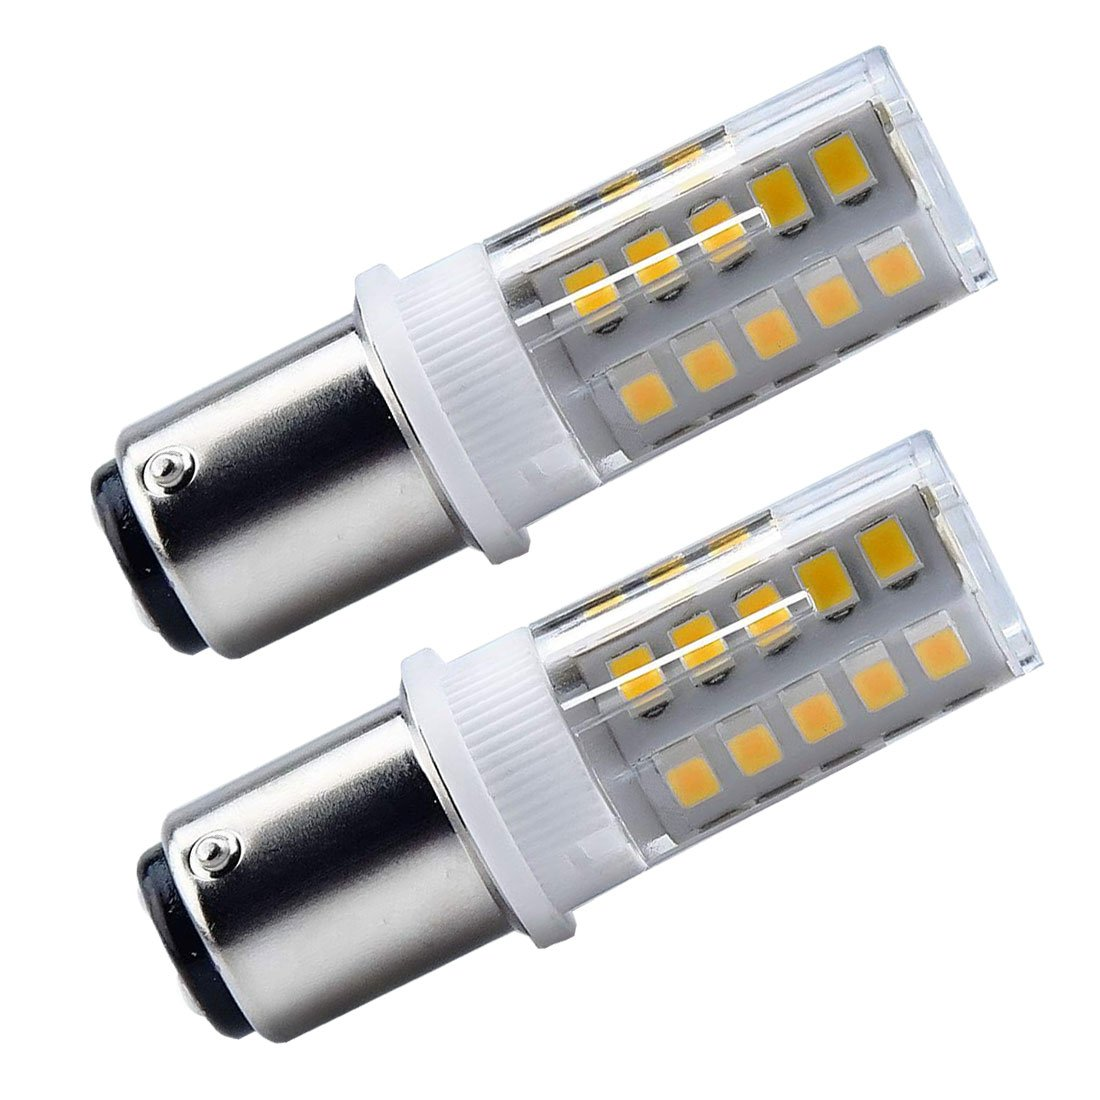 Akaiyal Ba15d Bombilla LED de 3.5W AC/DC 24V 2835 SMD SBC Bayoneta de Contacto Doble Lámpara de Luz Fría Blanca 6000K para Interior RV Iluminación ...